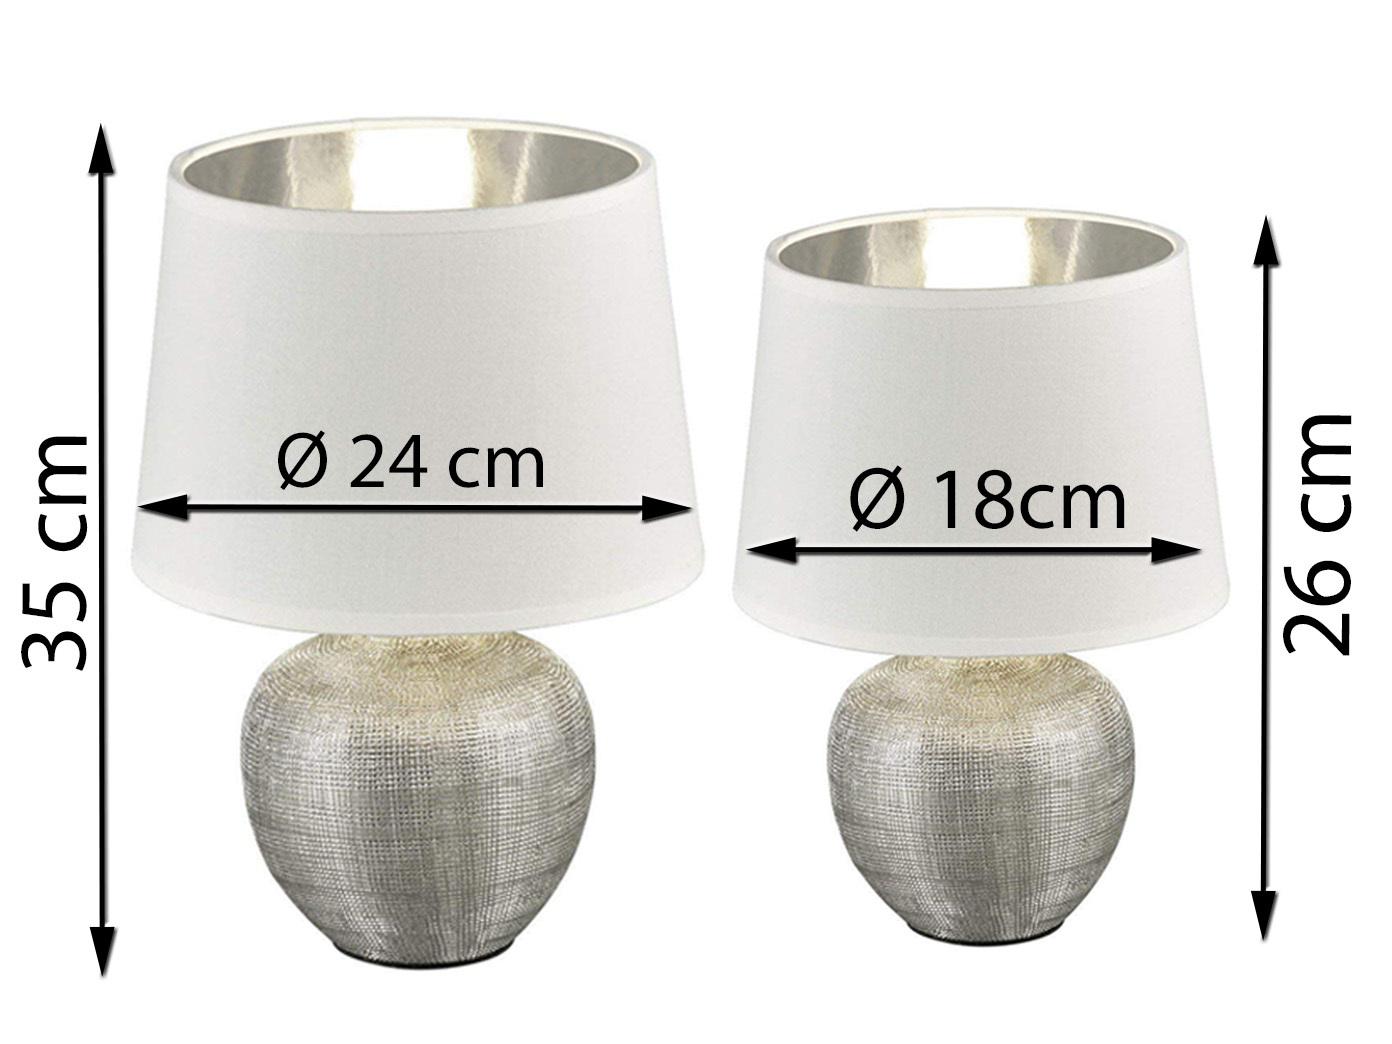 Tischlampen klassisch mit STOFF Lampenschirm rund Ø18cm//Ø26cm Schlafzimmerlampen